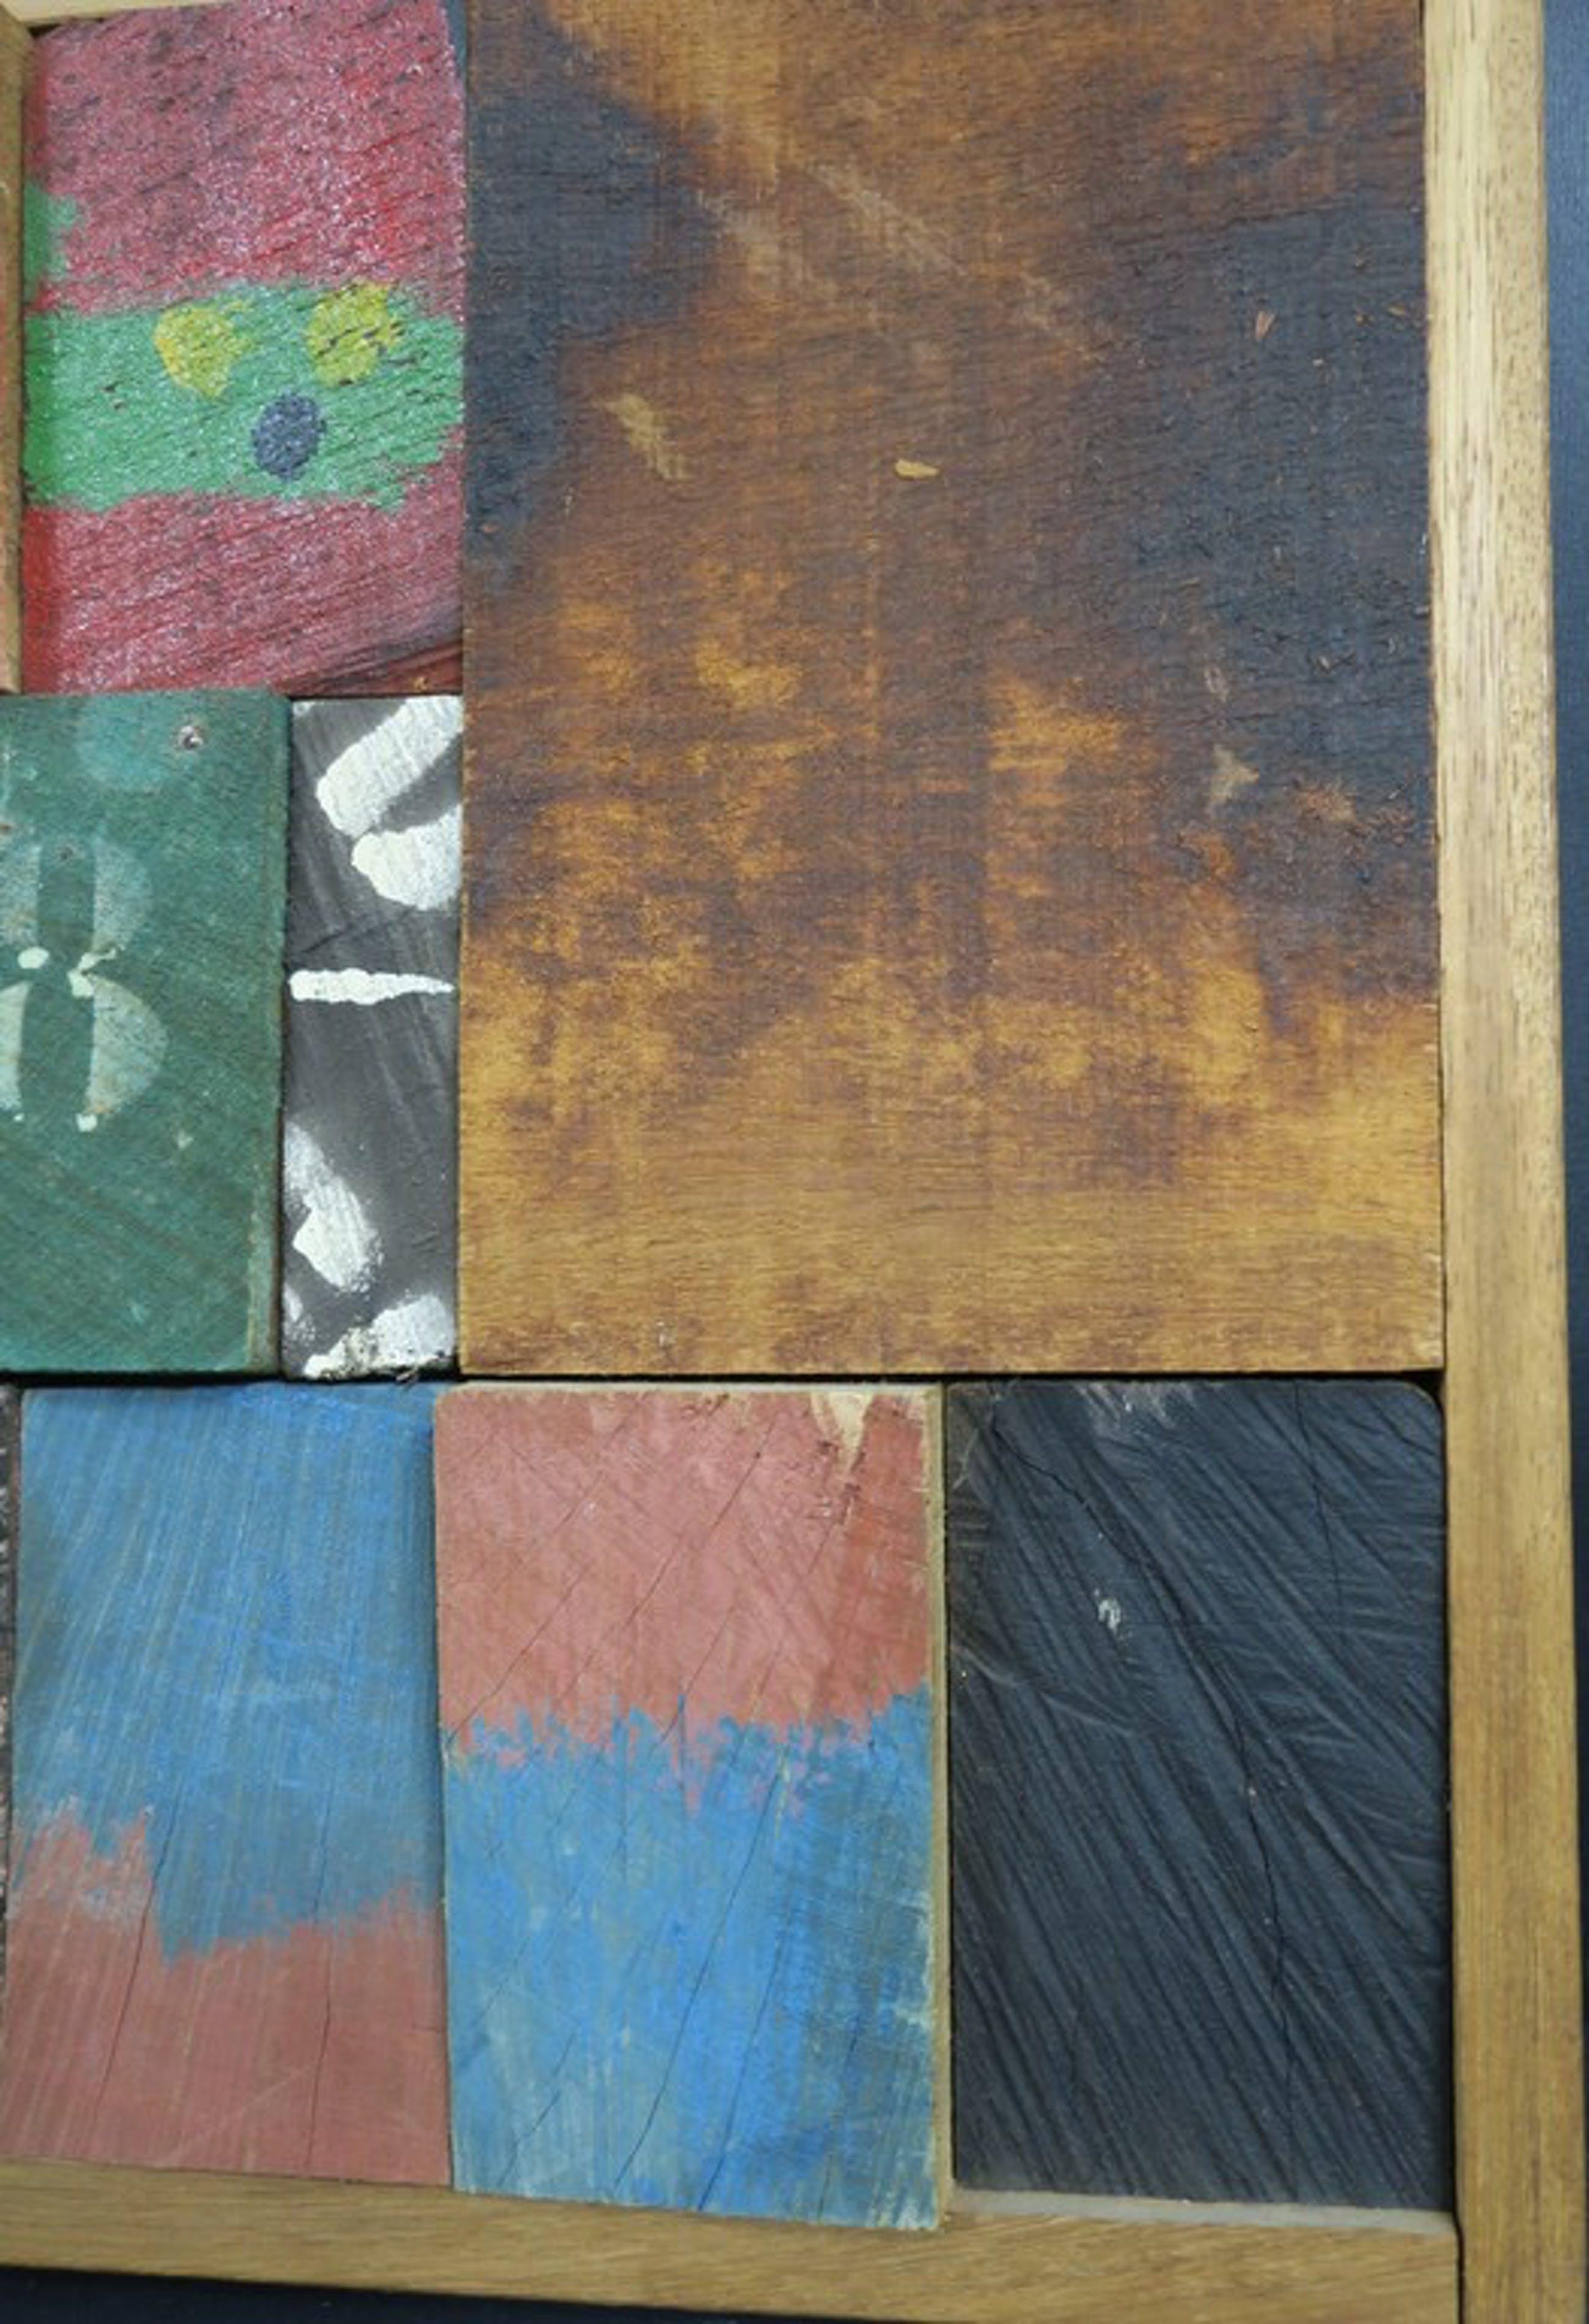 Christiaan Paul Damste: Collage van beschilderd hout, Z.T. kopen? Bied vanaf 550!